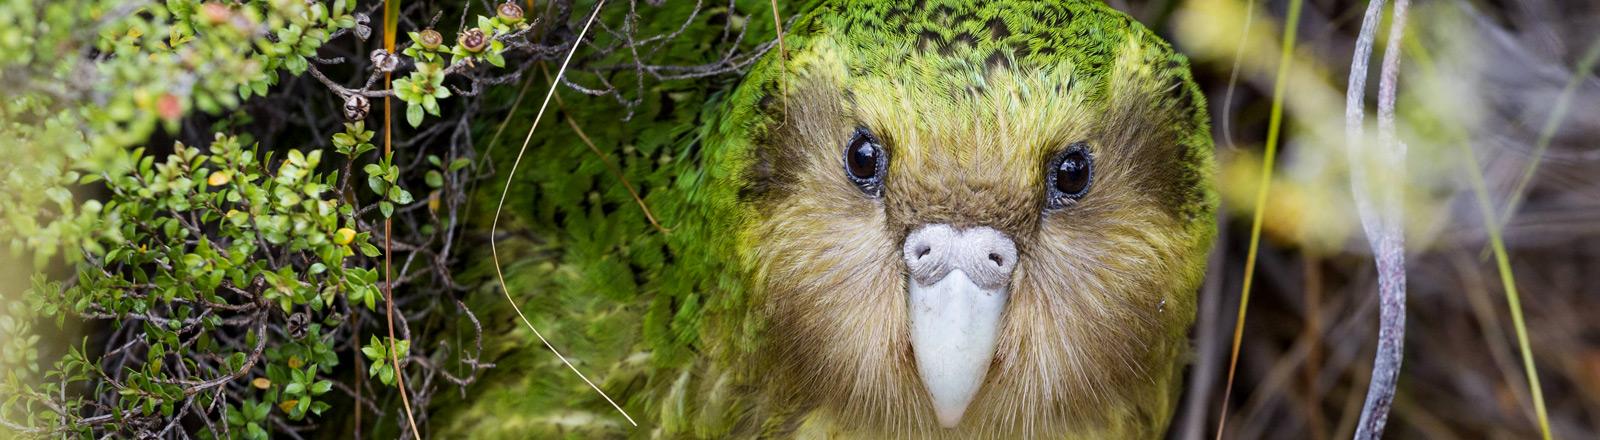 Neuseeländische flugunfähige Papageienart Kakapo.